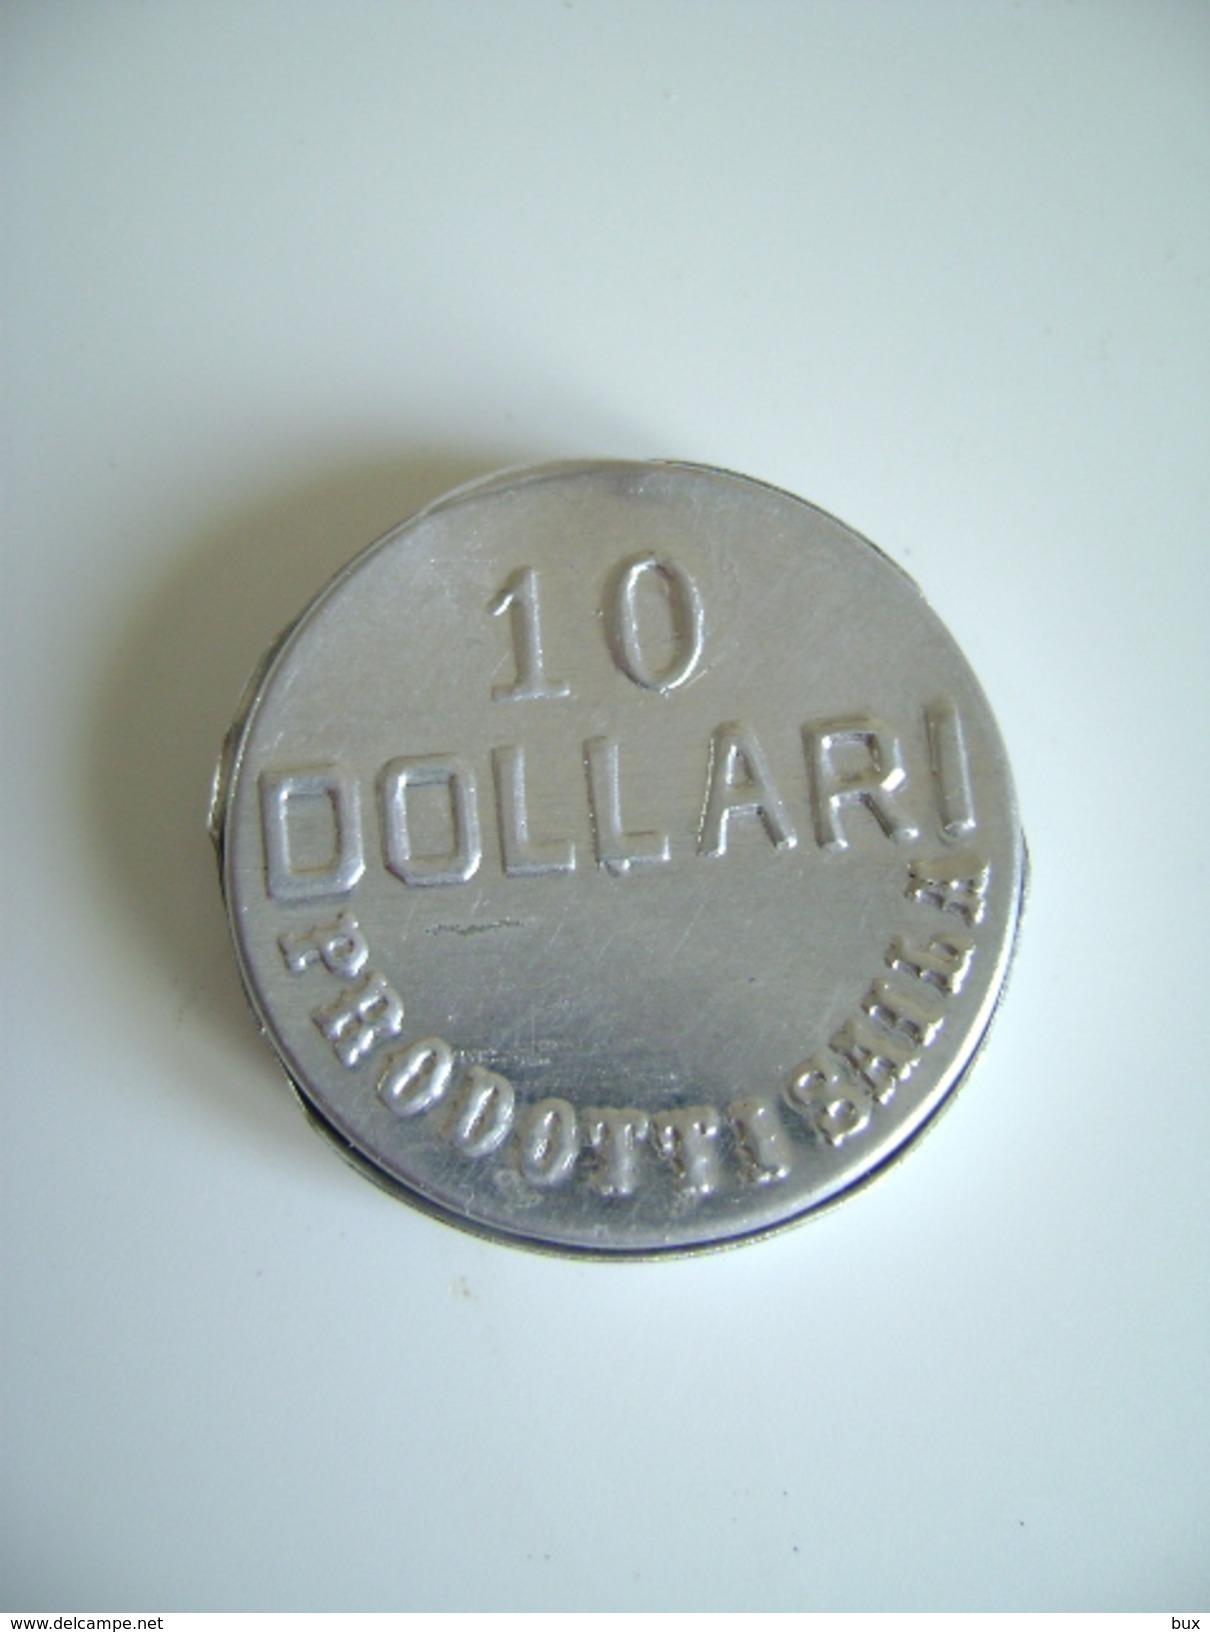 SAILA CARAMELLE AQUILA REALE 10 DOLLARI PICCOLO CONTENITORE IN ALLUMINIO - Scatole